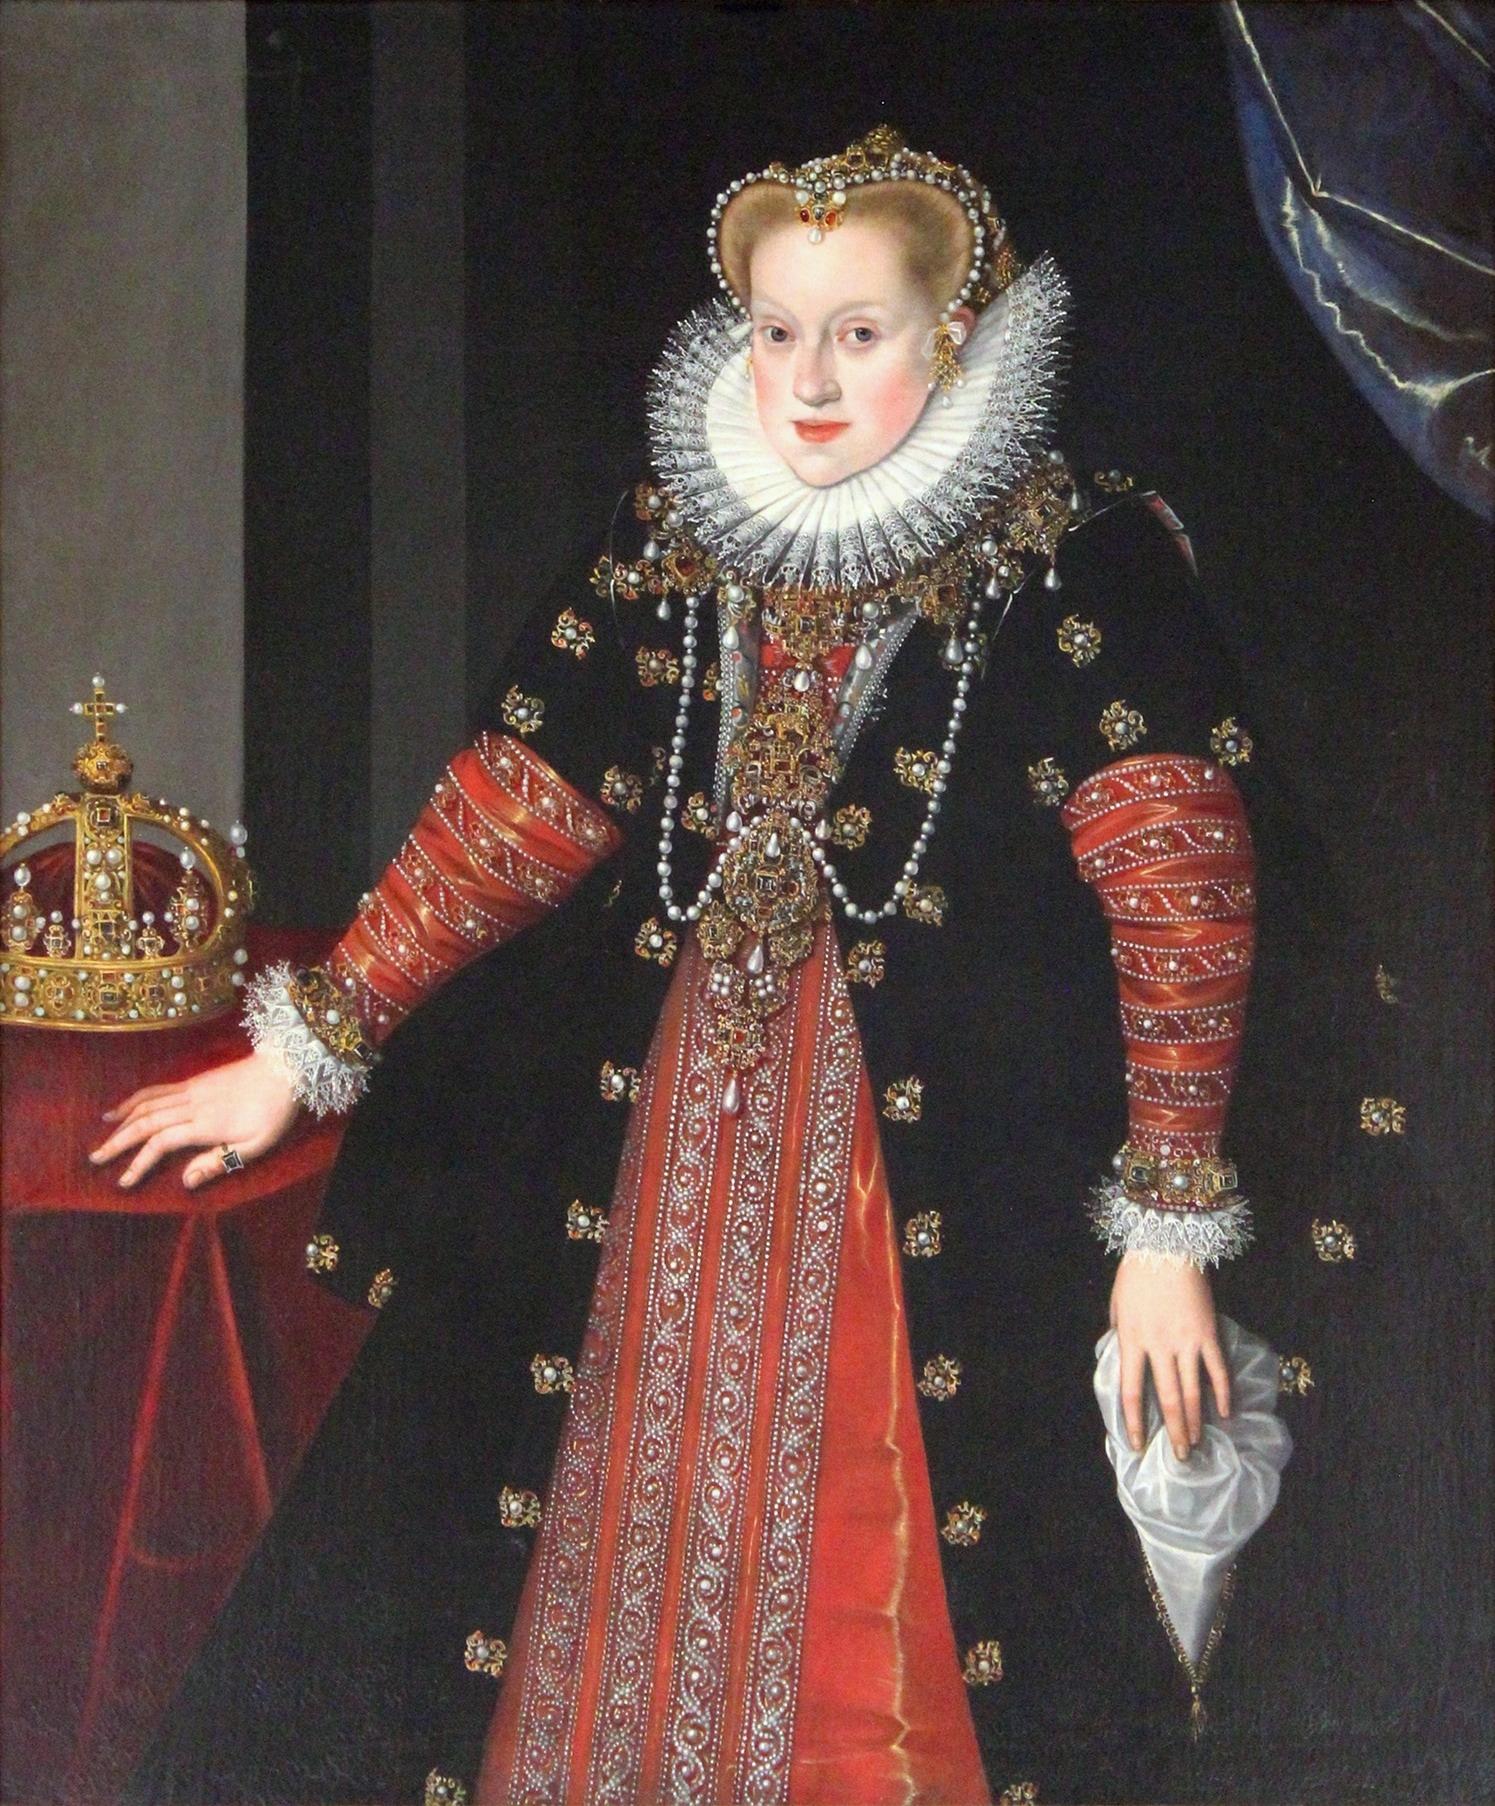 Anna, drottning av Sverige och Polen, cirka 1595. Målning (olja på duk) av Martin Kober (1550-1598). Foto: Kaho Mitsuki, 2017 (Wikimedia Commons)